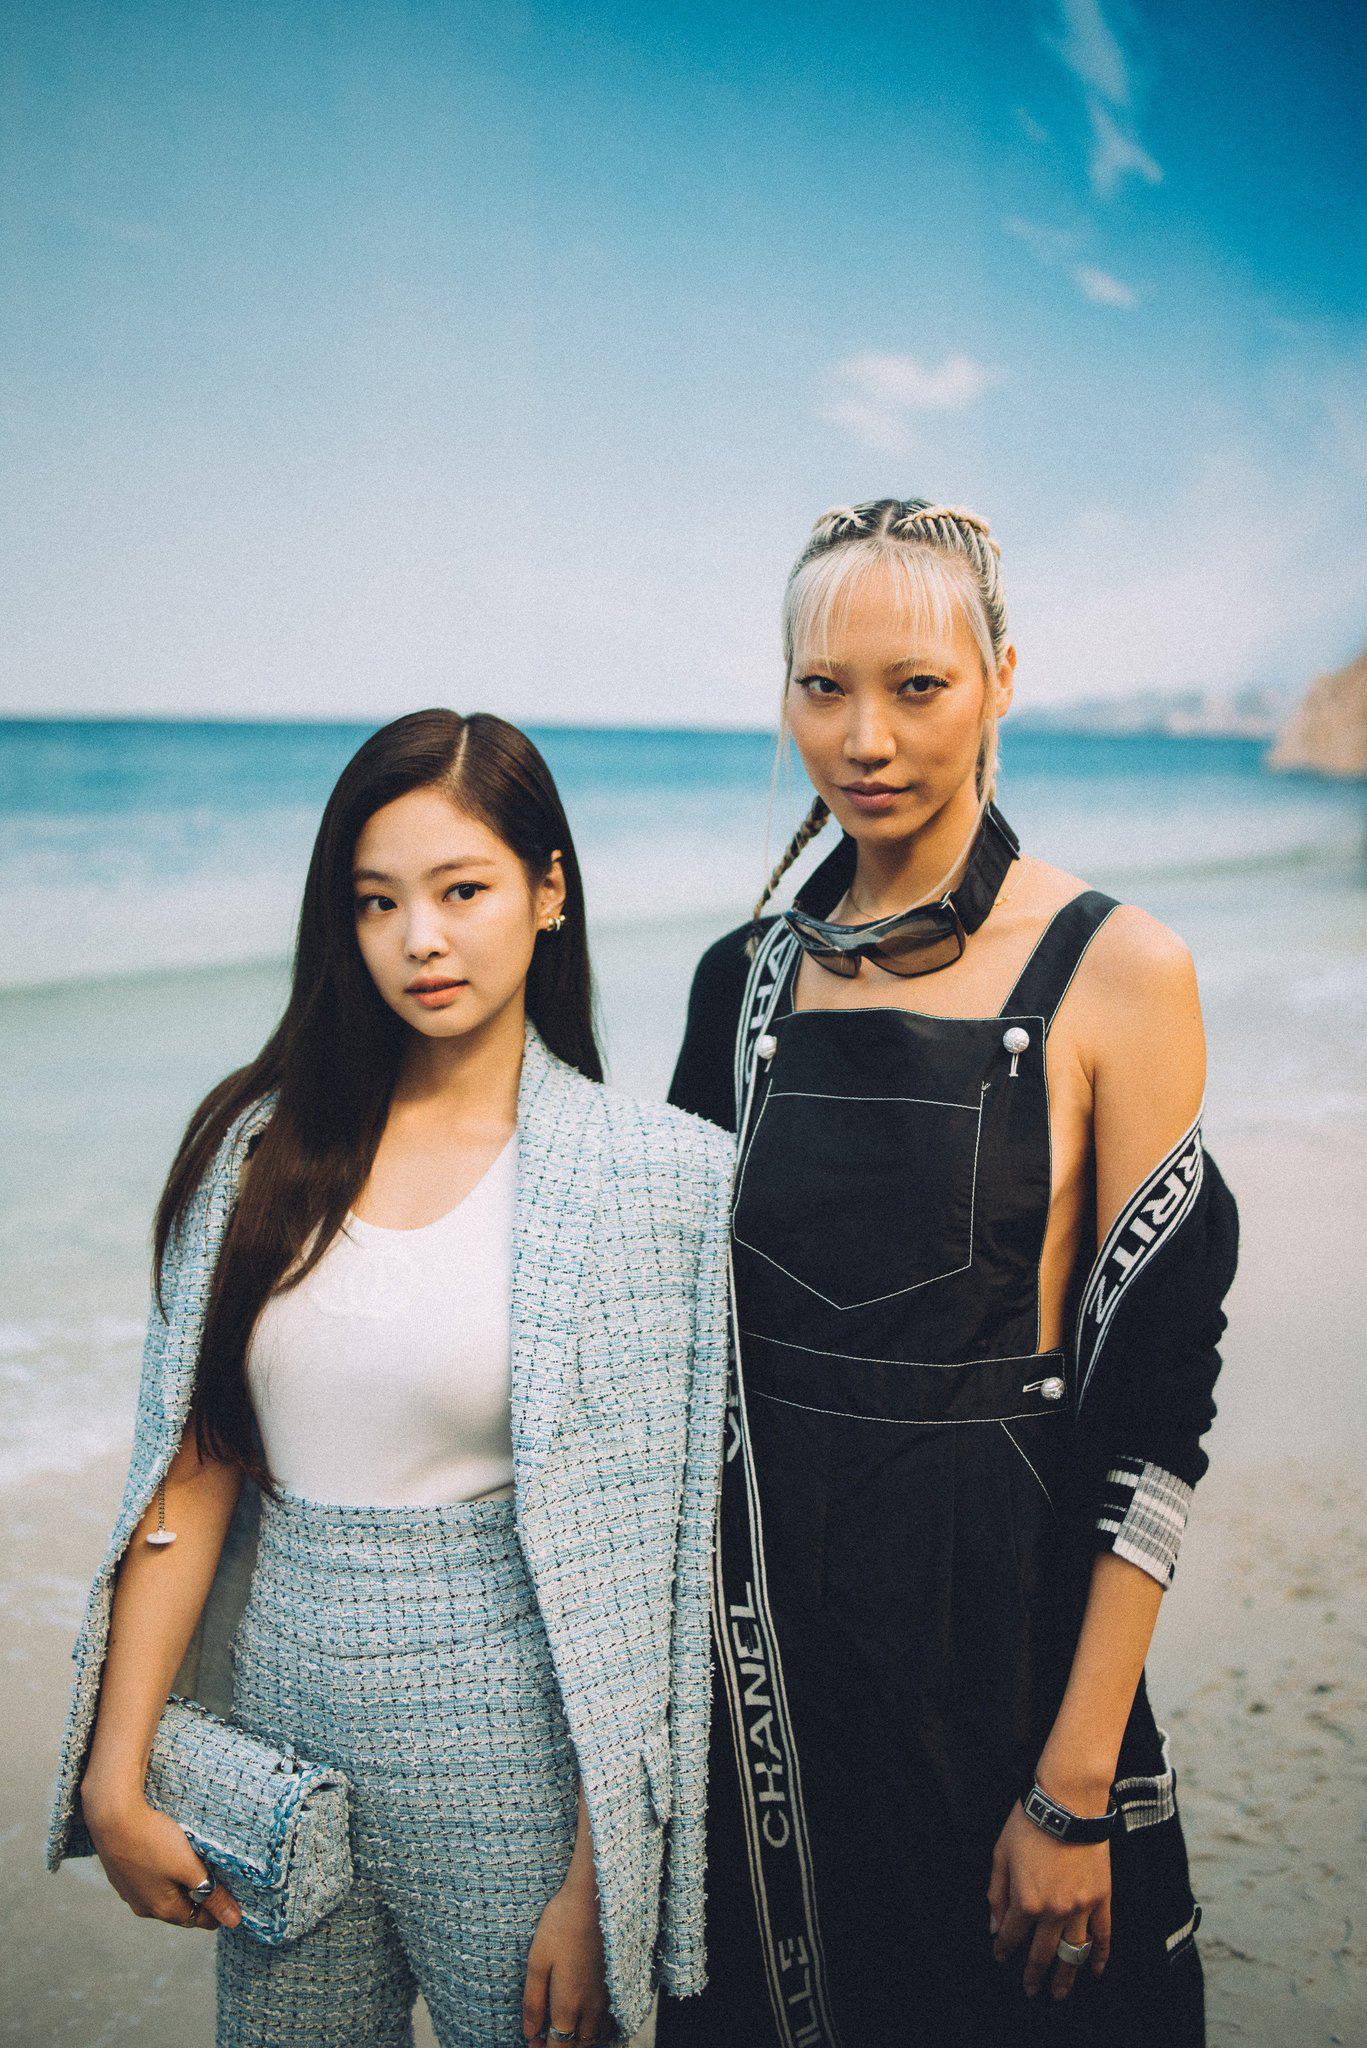 4 cô đại sứ BLACKPINK khi lên Instagram của nhà mốt lớn: Jennie, Jisoo biến hóa đa dạng nhưng Rosé có màn lột xác đáng gờm nhất  - Ảnh 2.